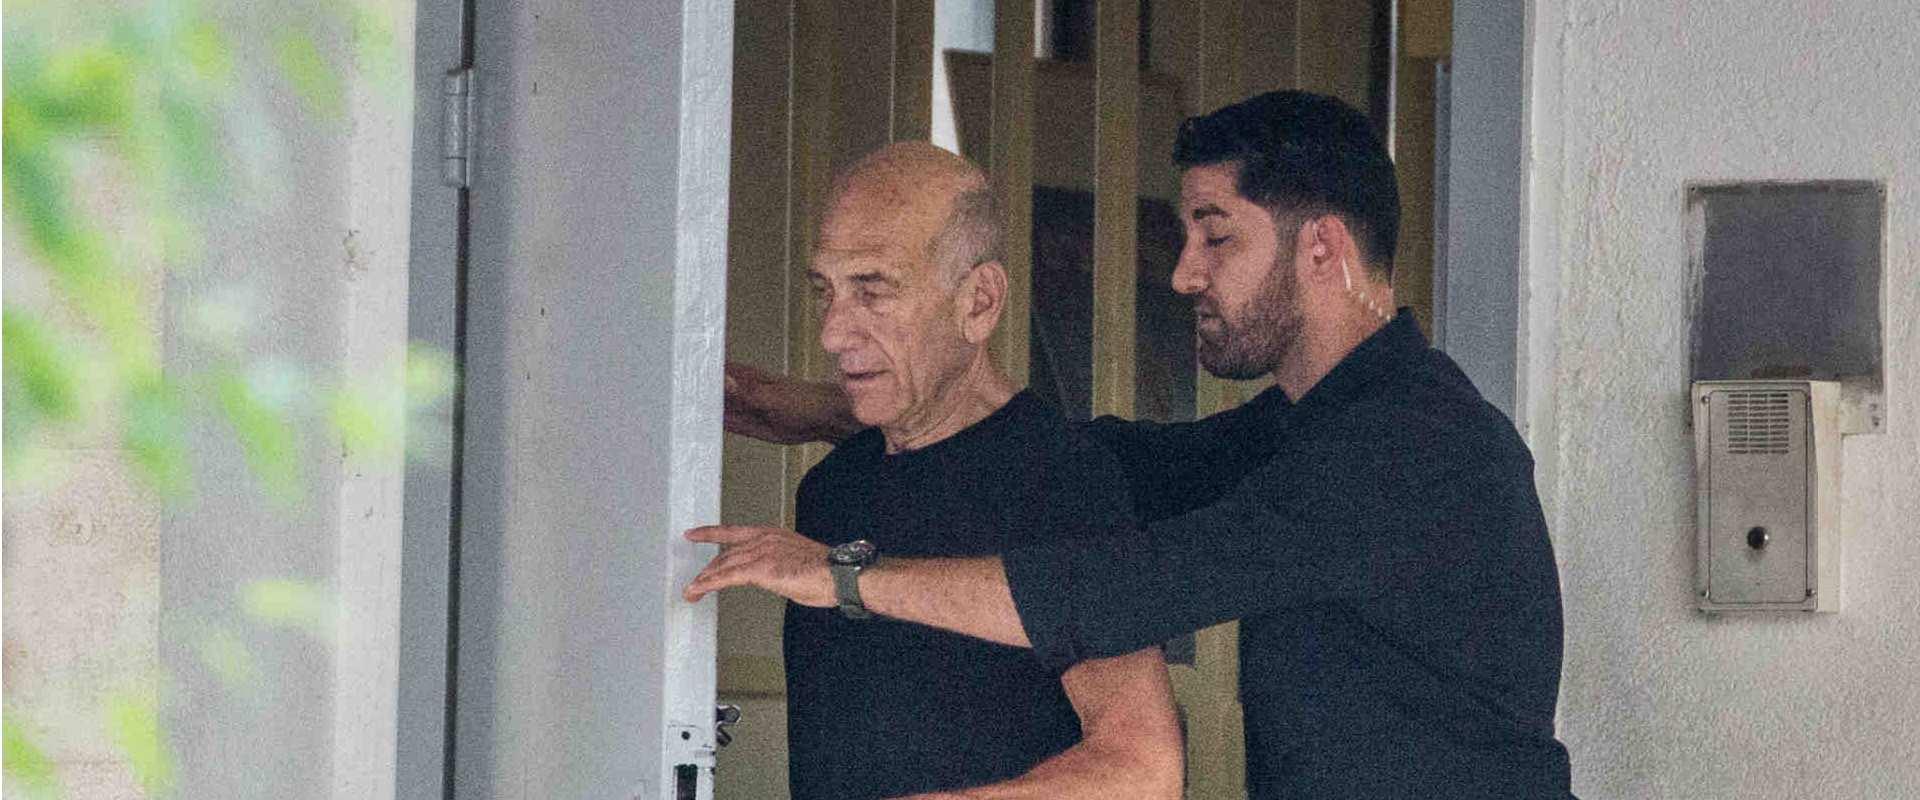 אהוד אולמרט יוצא מהכלא